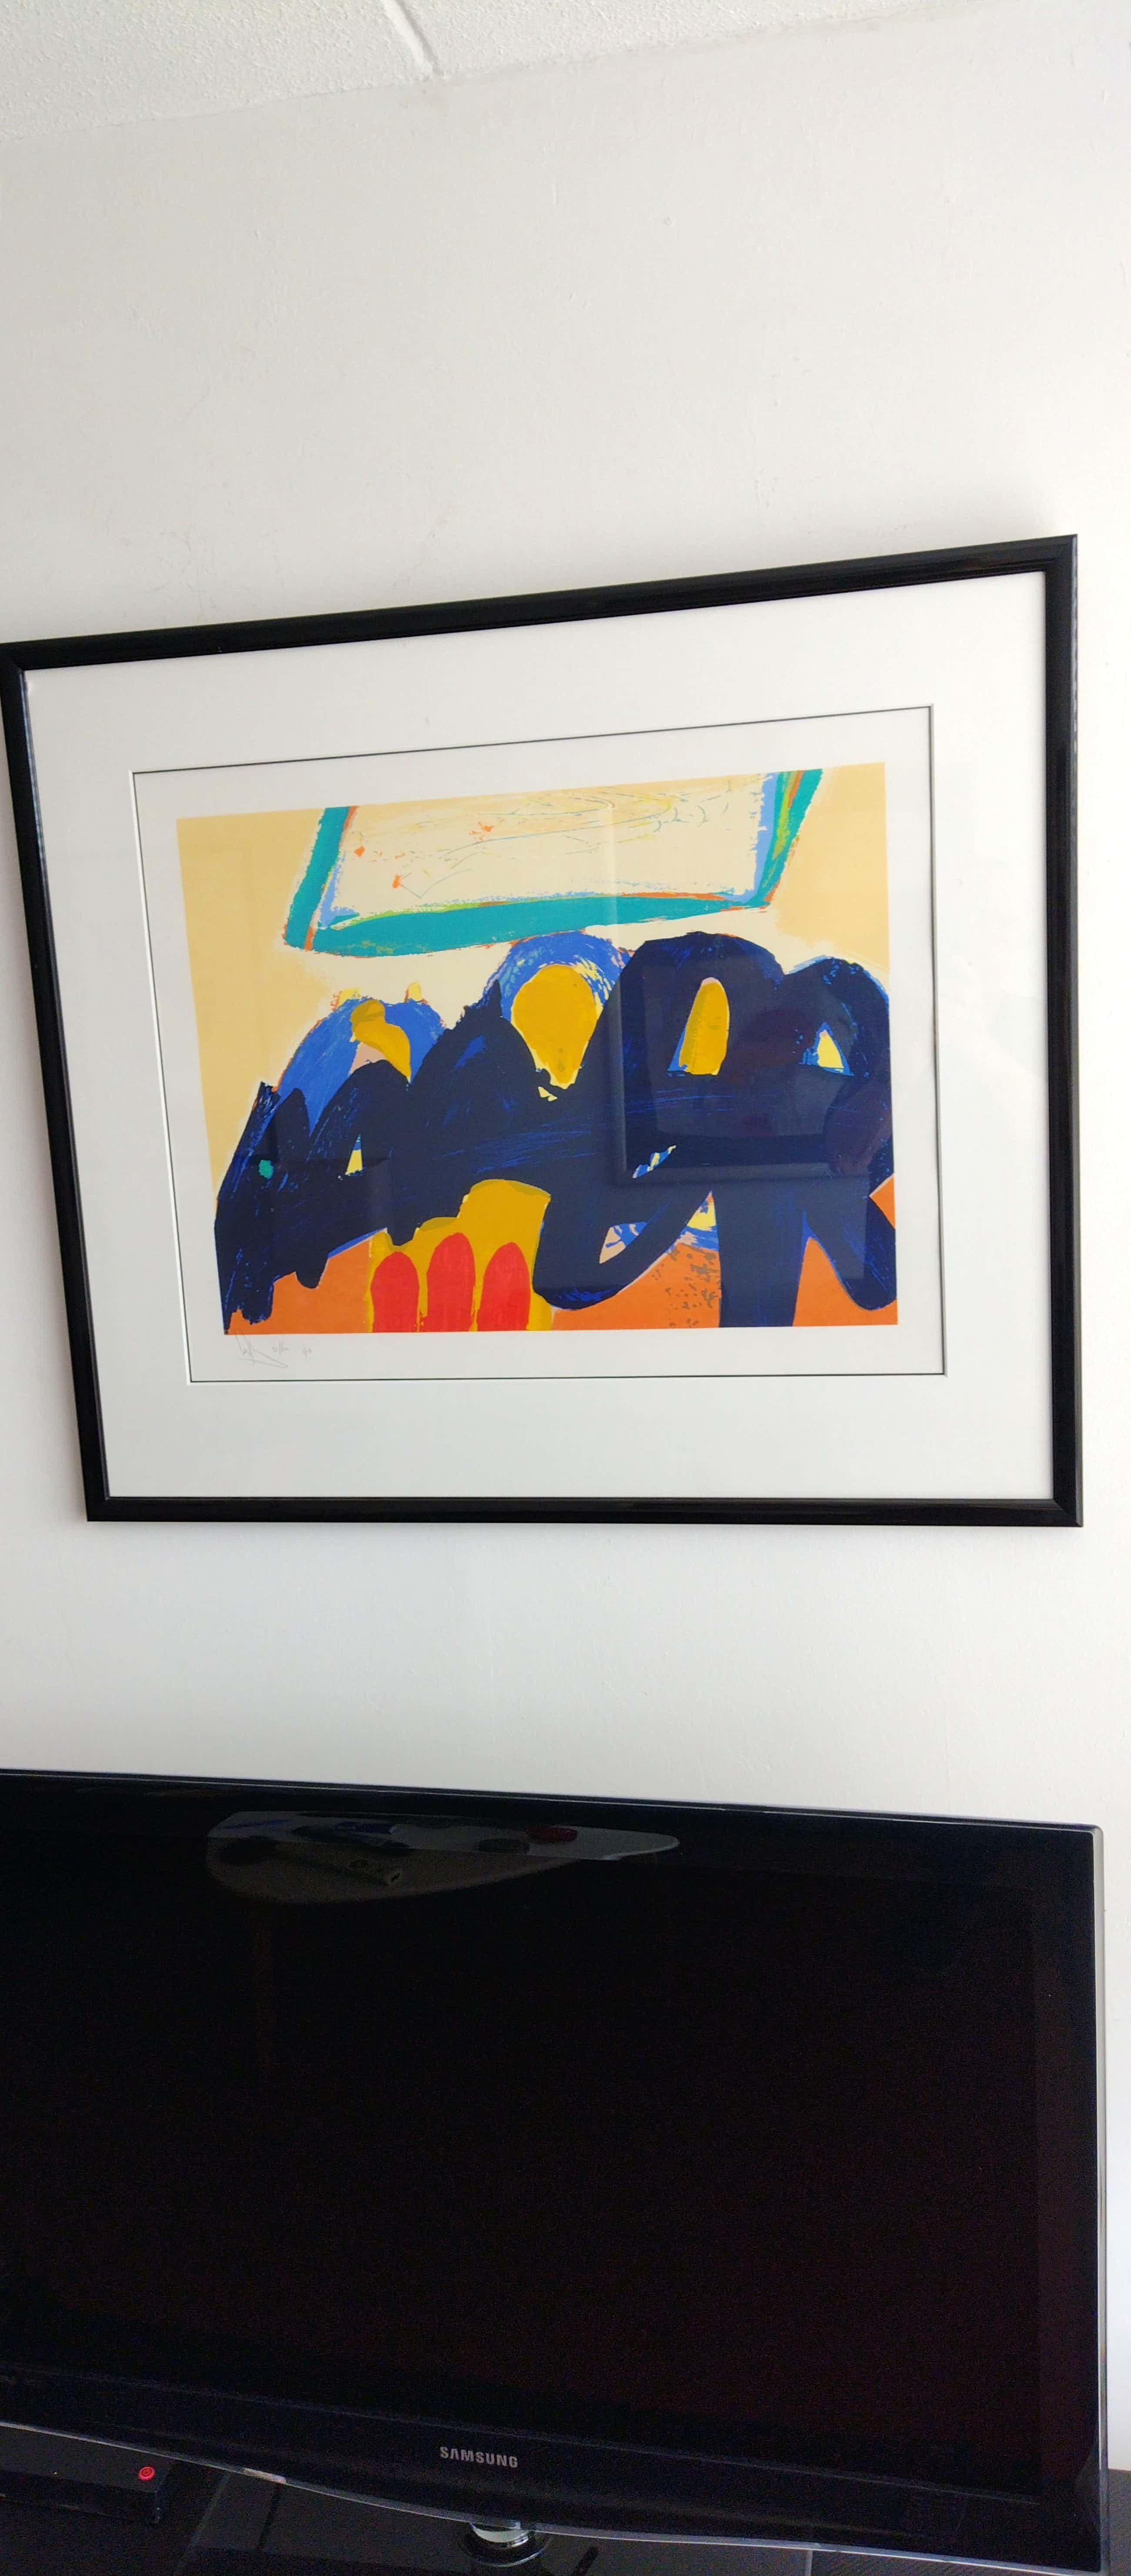 Arty Grimm - Prachtig Abstract werk uit 1993 kopen? Bied vanaf 60!